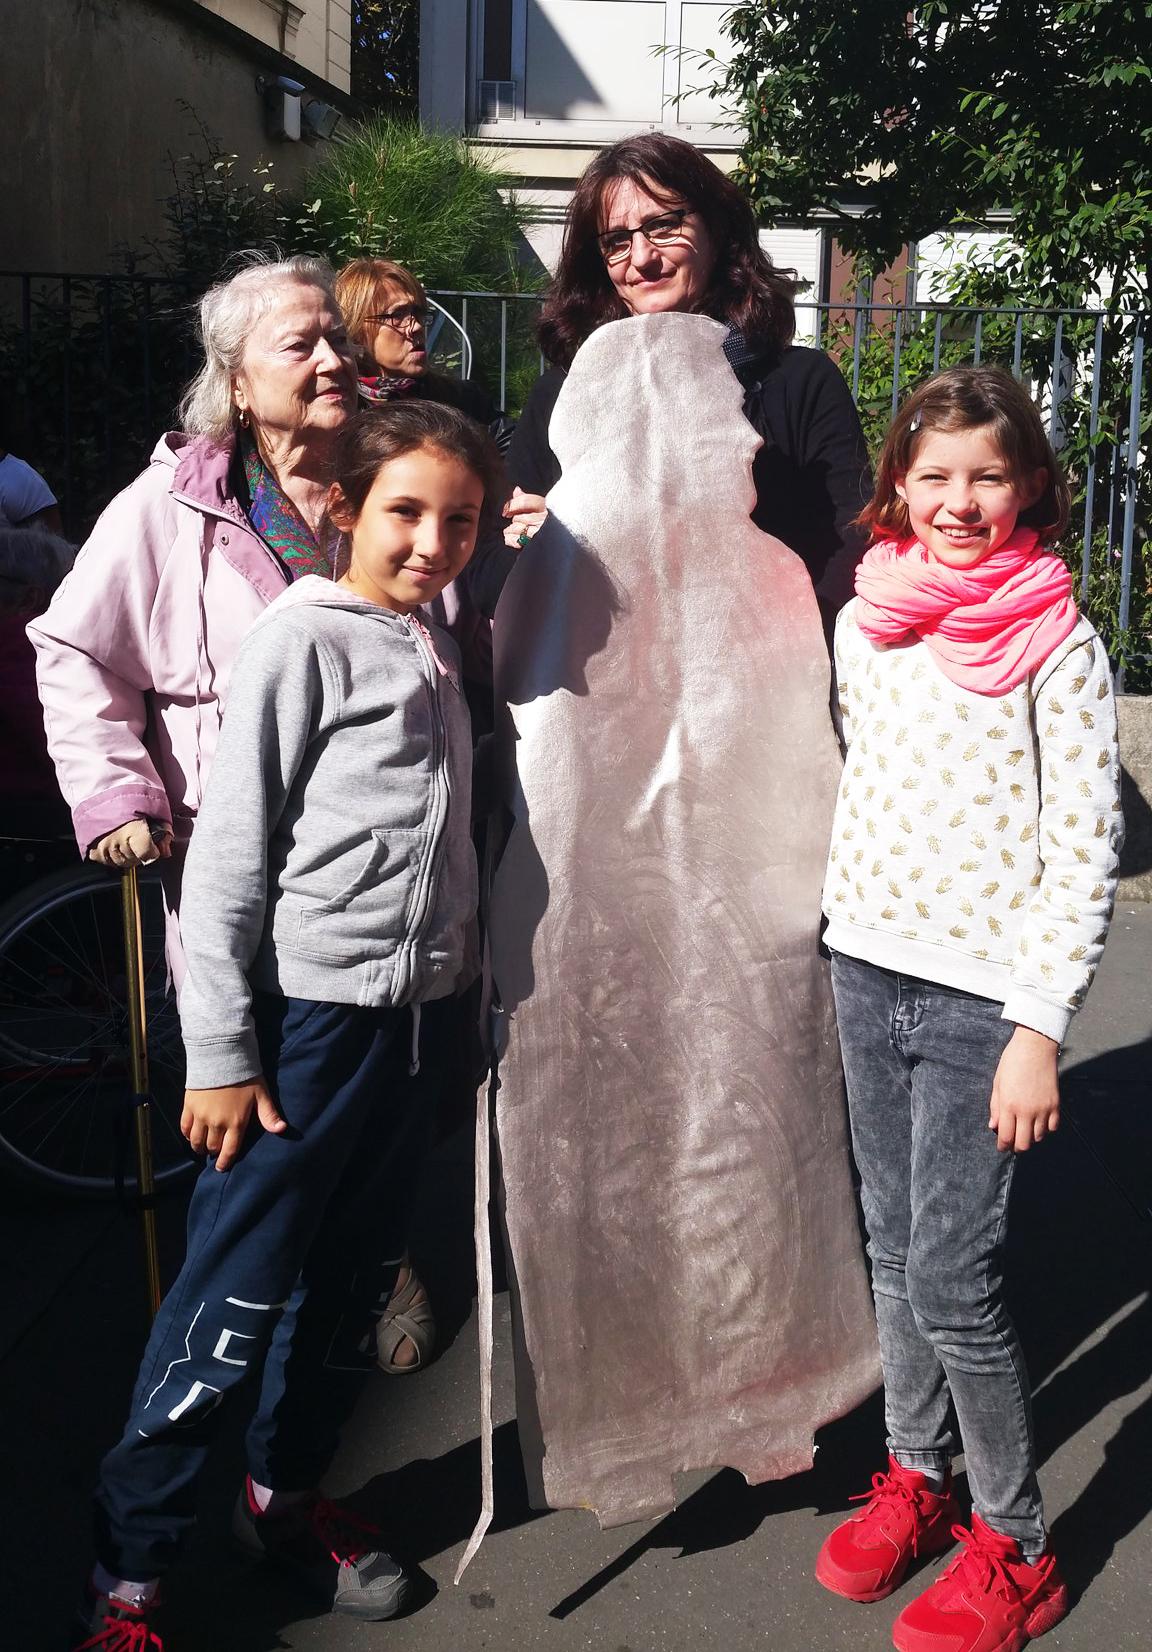 Silver power dans les rues du 19e arrondissement de Paris